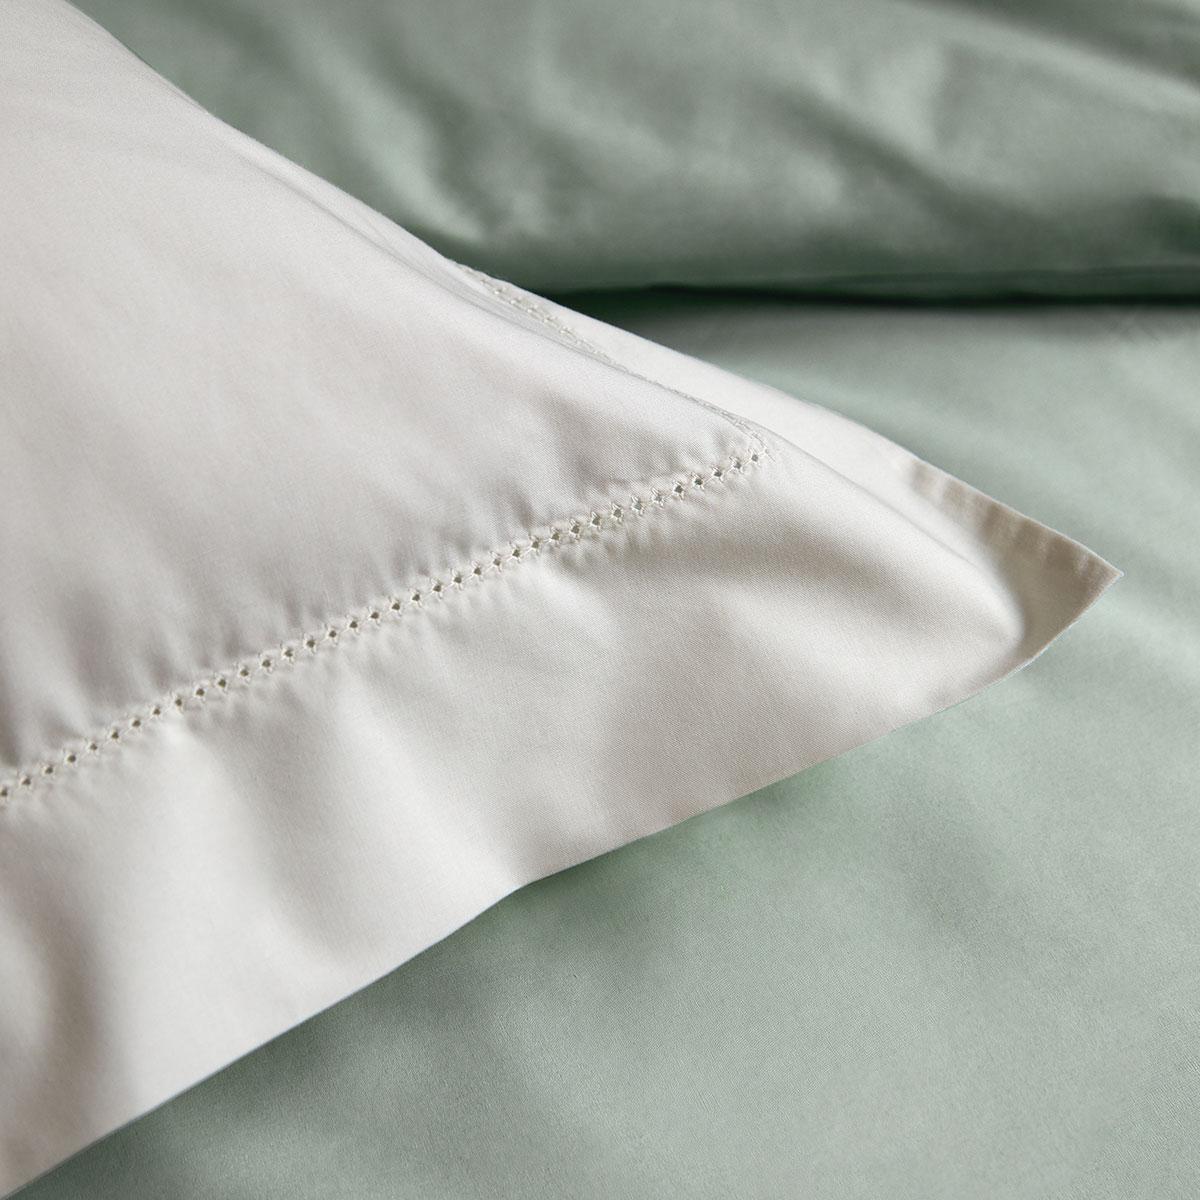 Housse de couette percale Blanc 240 x 220 cm